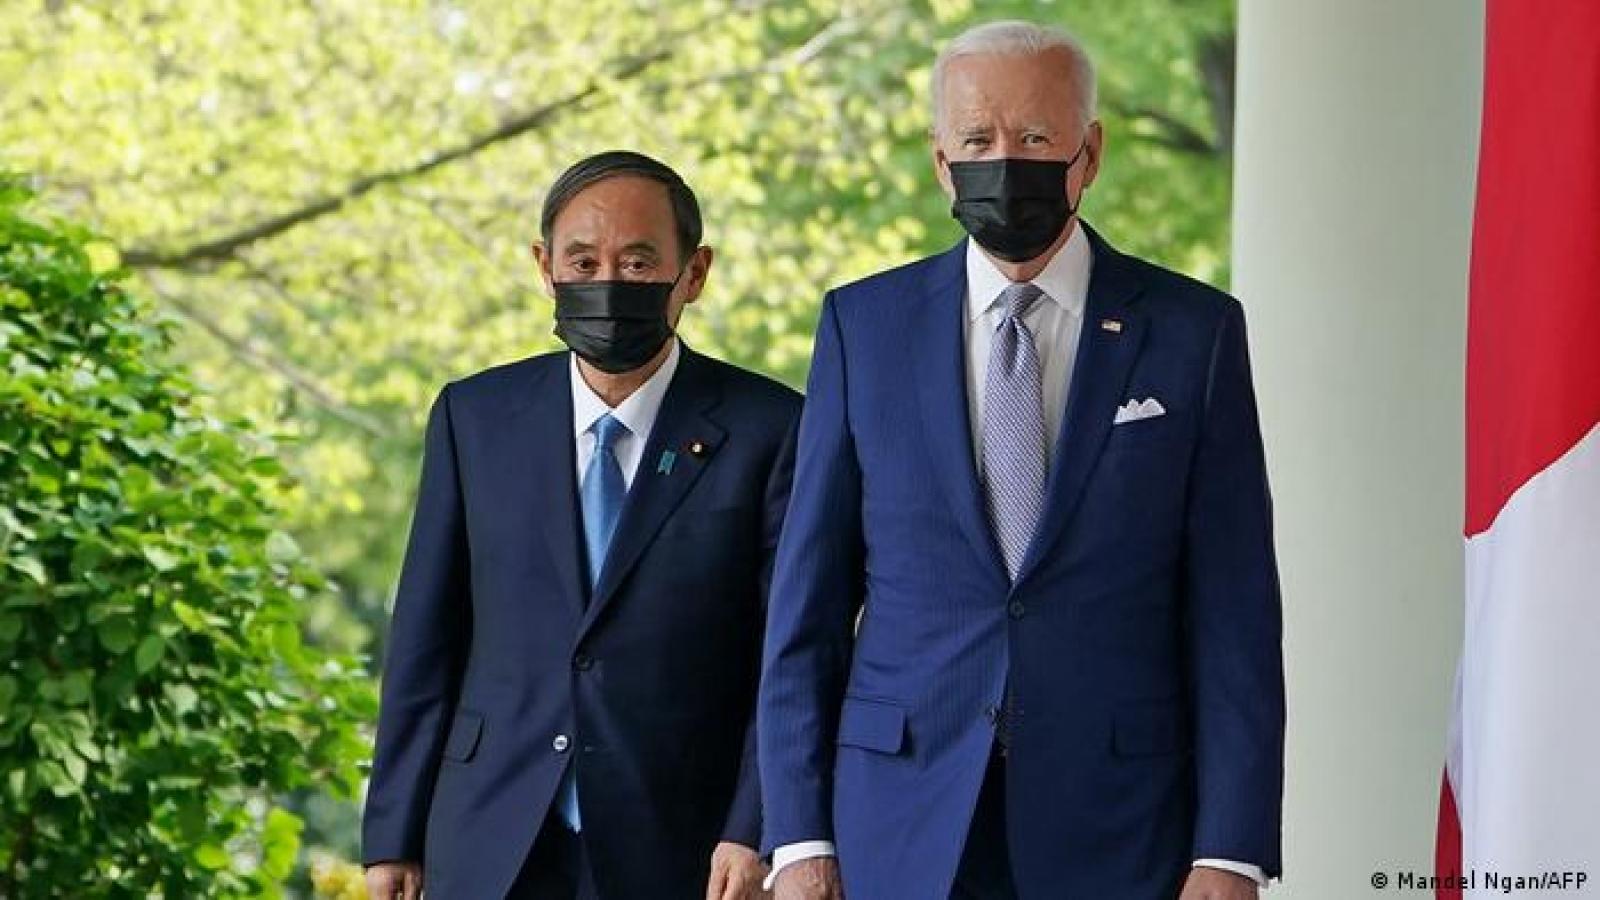 Mỹ và Nhật Bản tái khẳng định mối quan tâm chung mạnh mẽ về Biển Đông